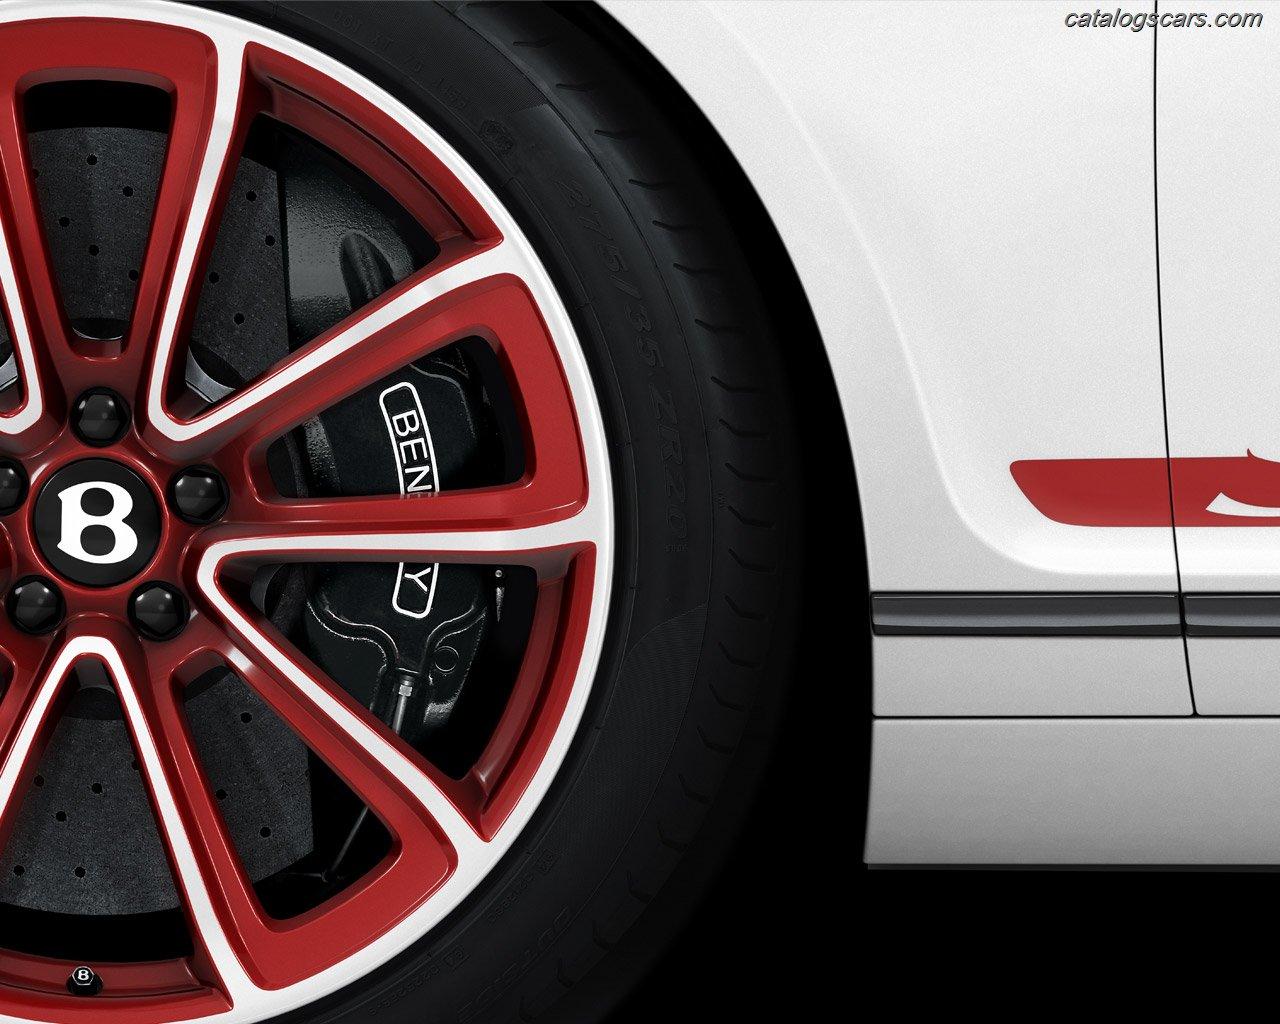 صور سيارة بنتلى كونتيننتال سوبر سبورتس كونفيرتابل 2014 - اجمل خلفيات صور عربية بنتلى - Bentley Continental SuperSports Convertible Photos Bentley-Continental-SuperSports-Convertible-2011-05.jpg